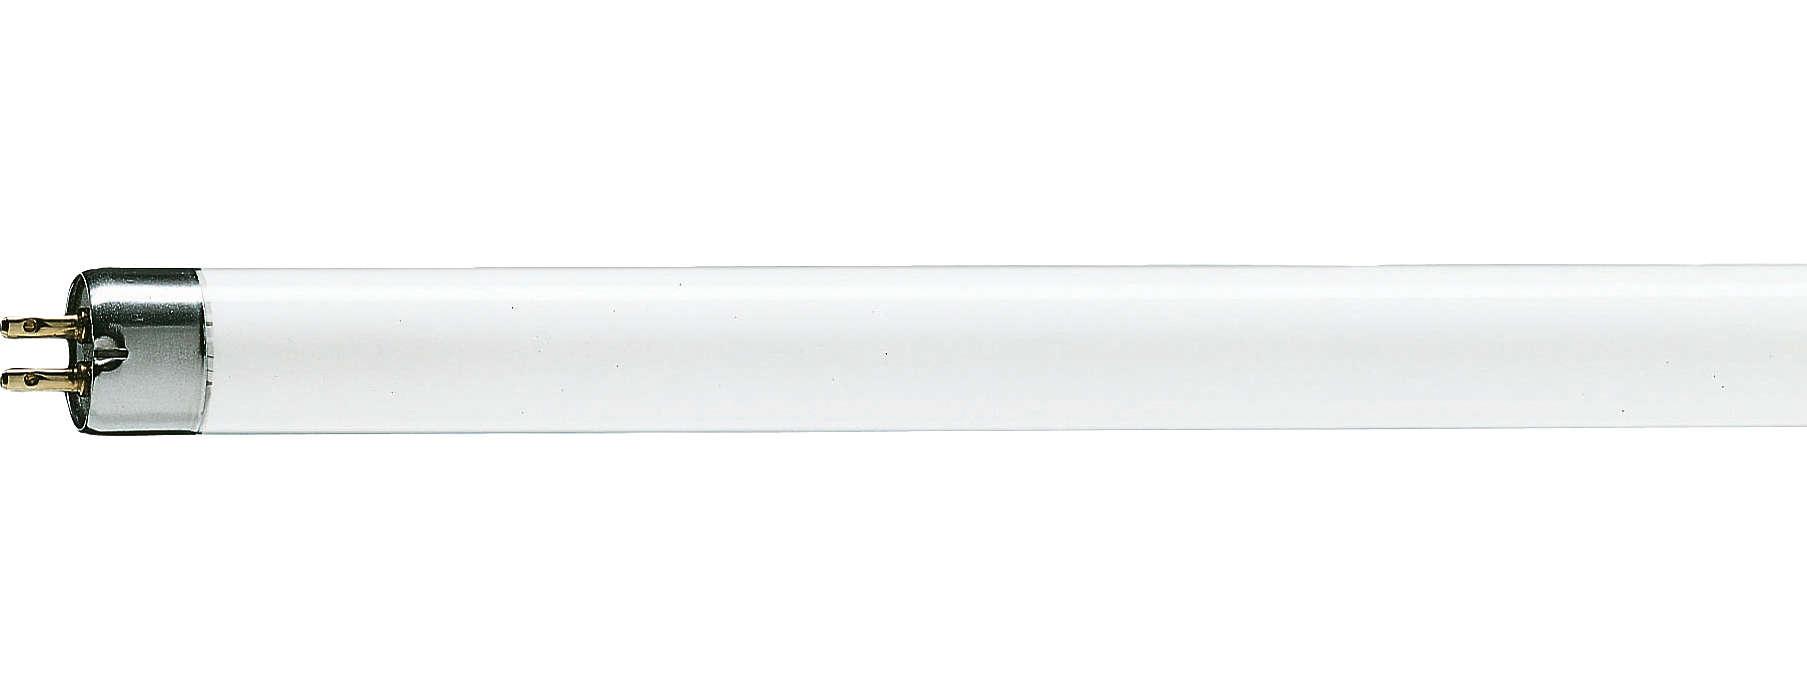 Lampe fluorescente de petite taille avec une qualité de lumière améliorée